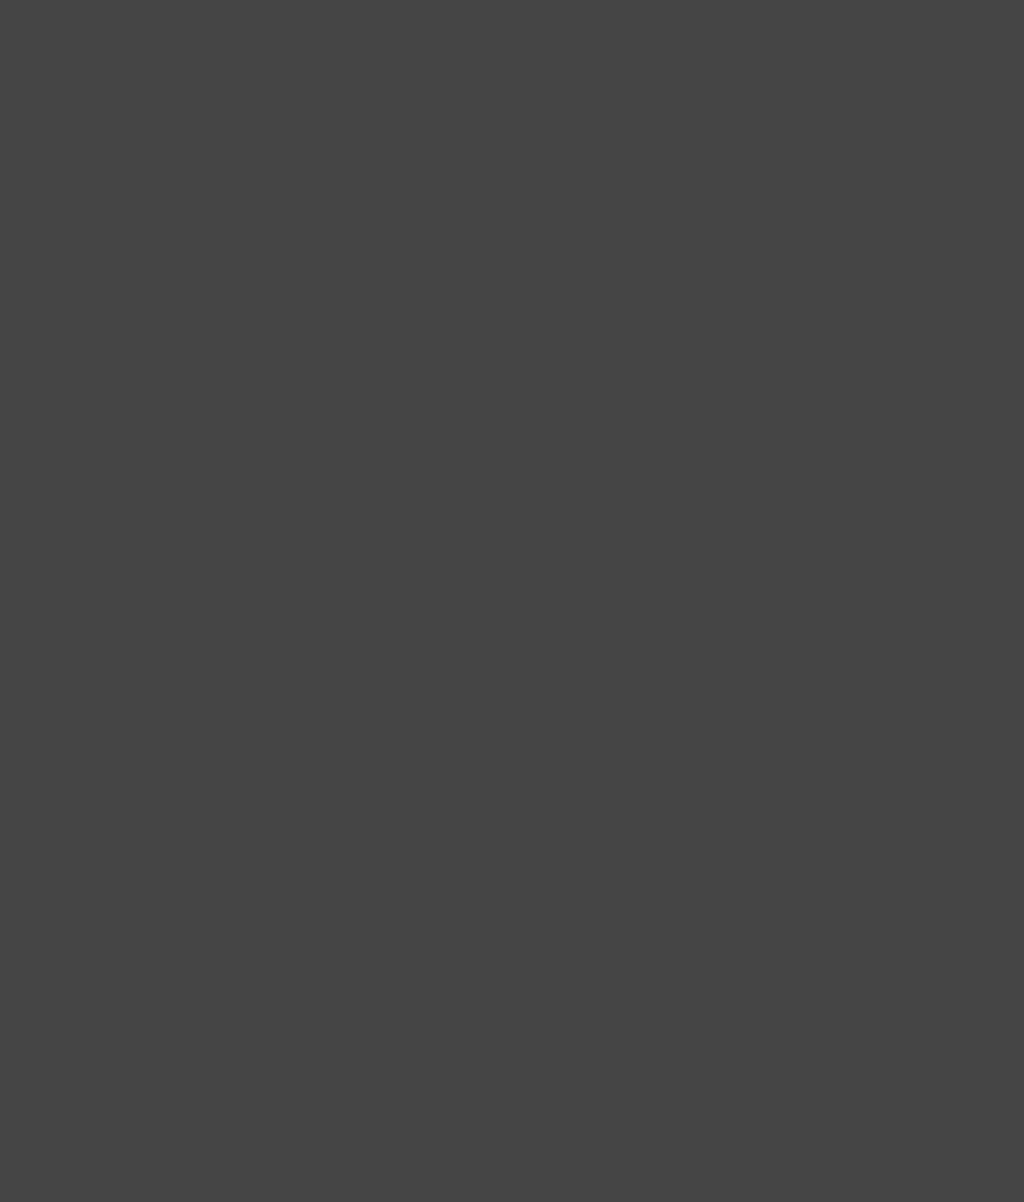 LEHIGH ACRES SCREEN REPAIR - Lanai Rescreening & Repair